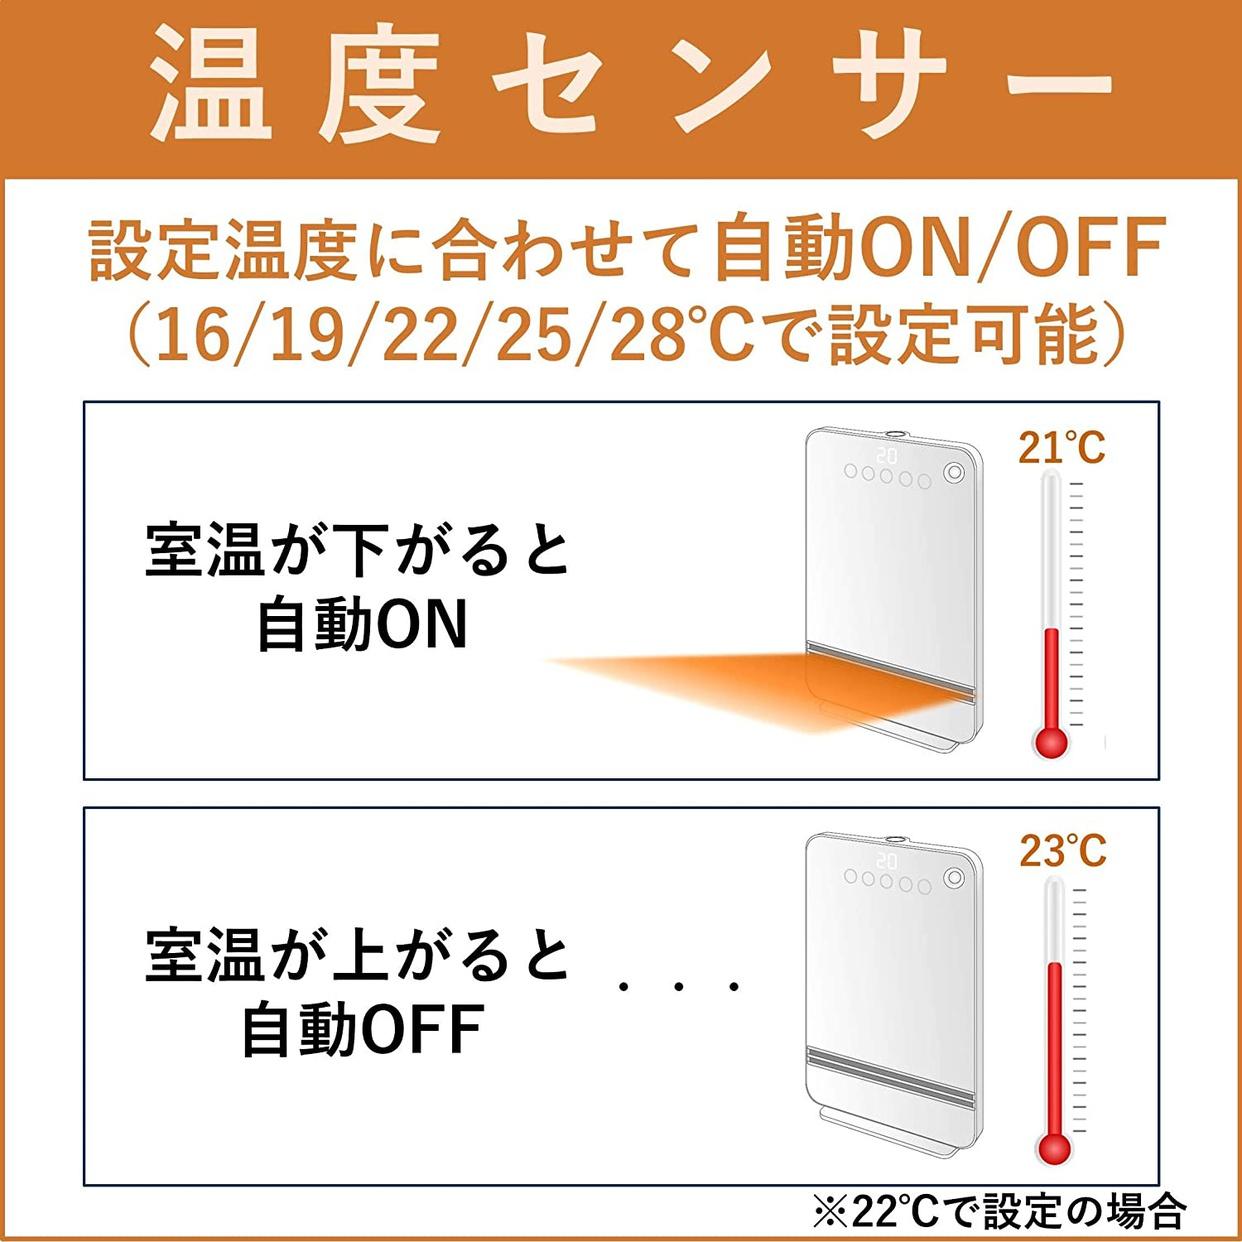 山善(YAMAZEN) 大風量セラミックヒーター(Wエコ機能搭載) DHF-VN12の商品画像3